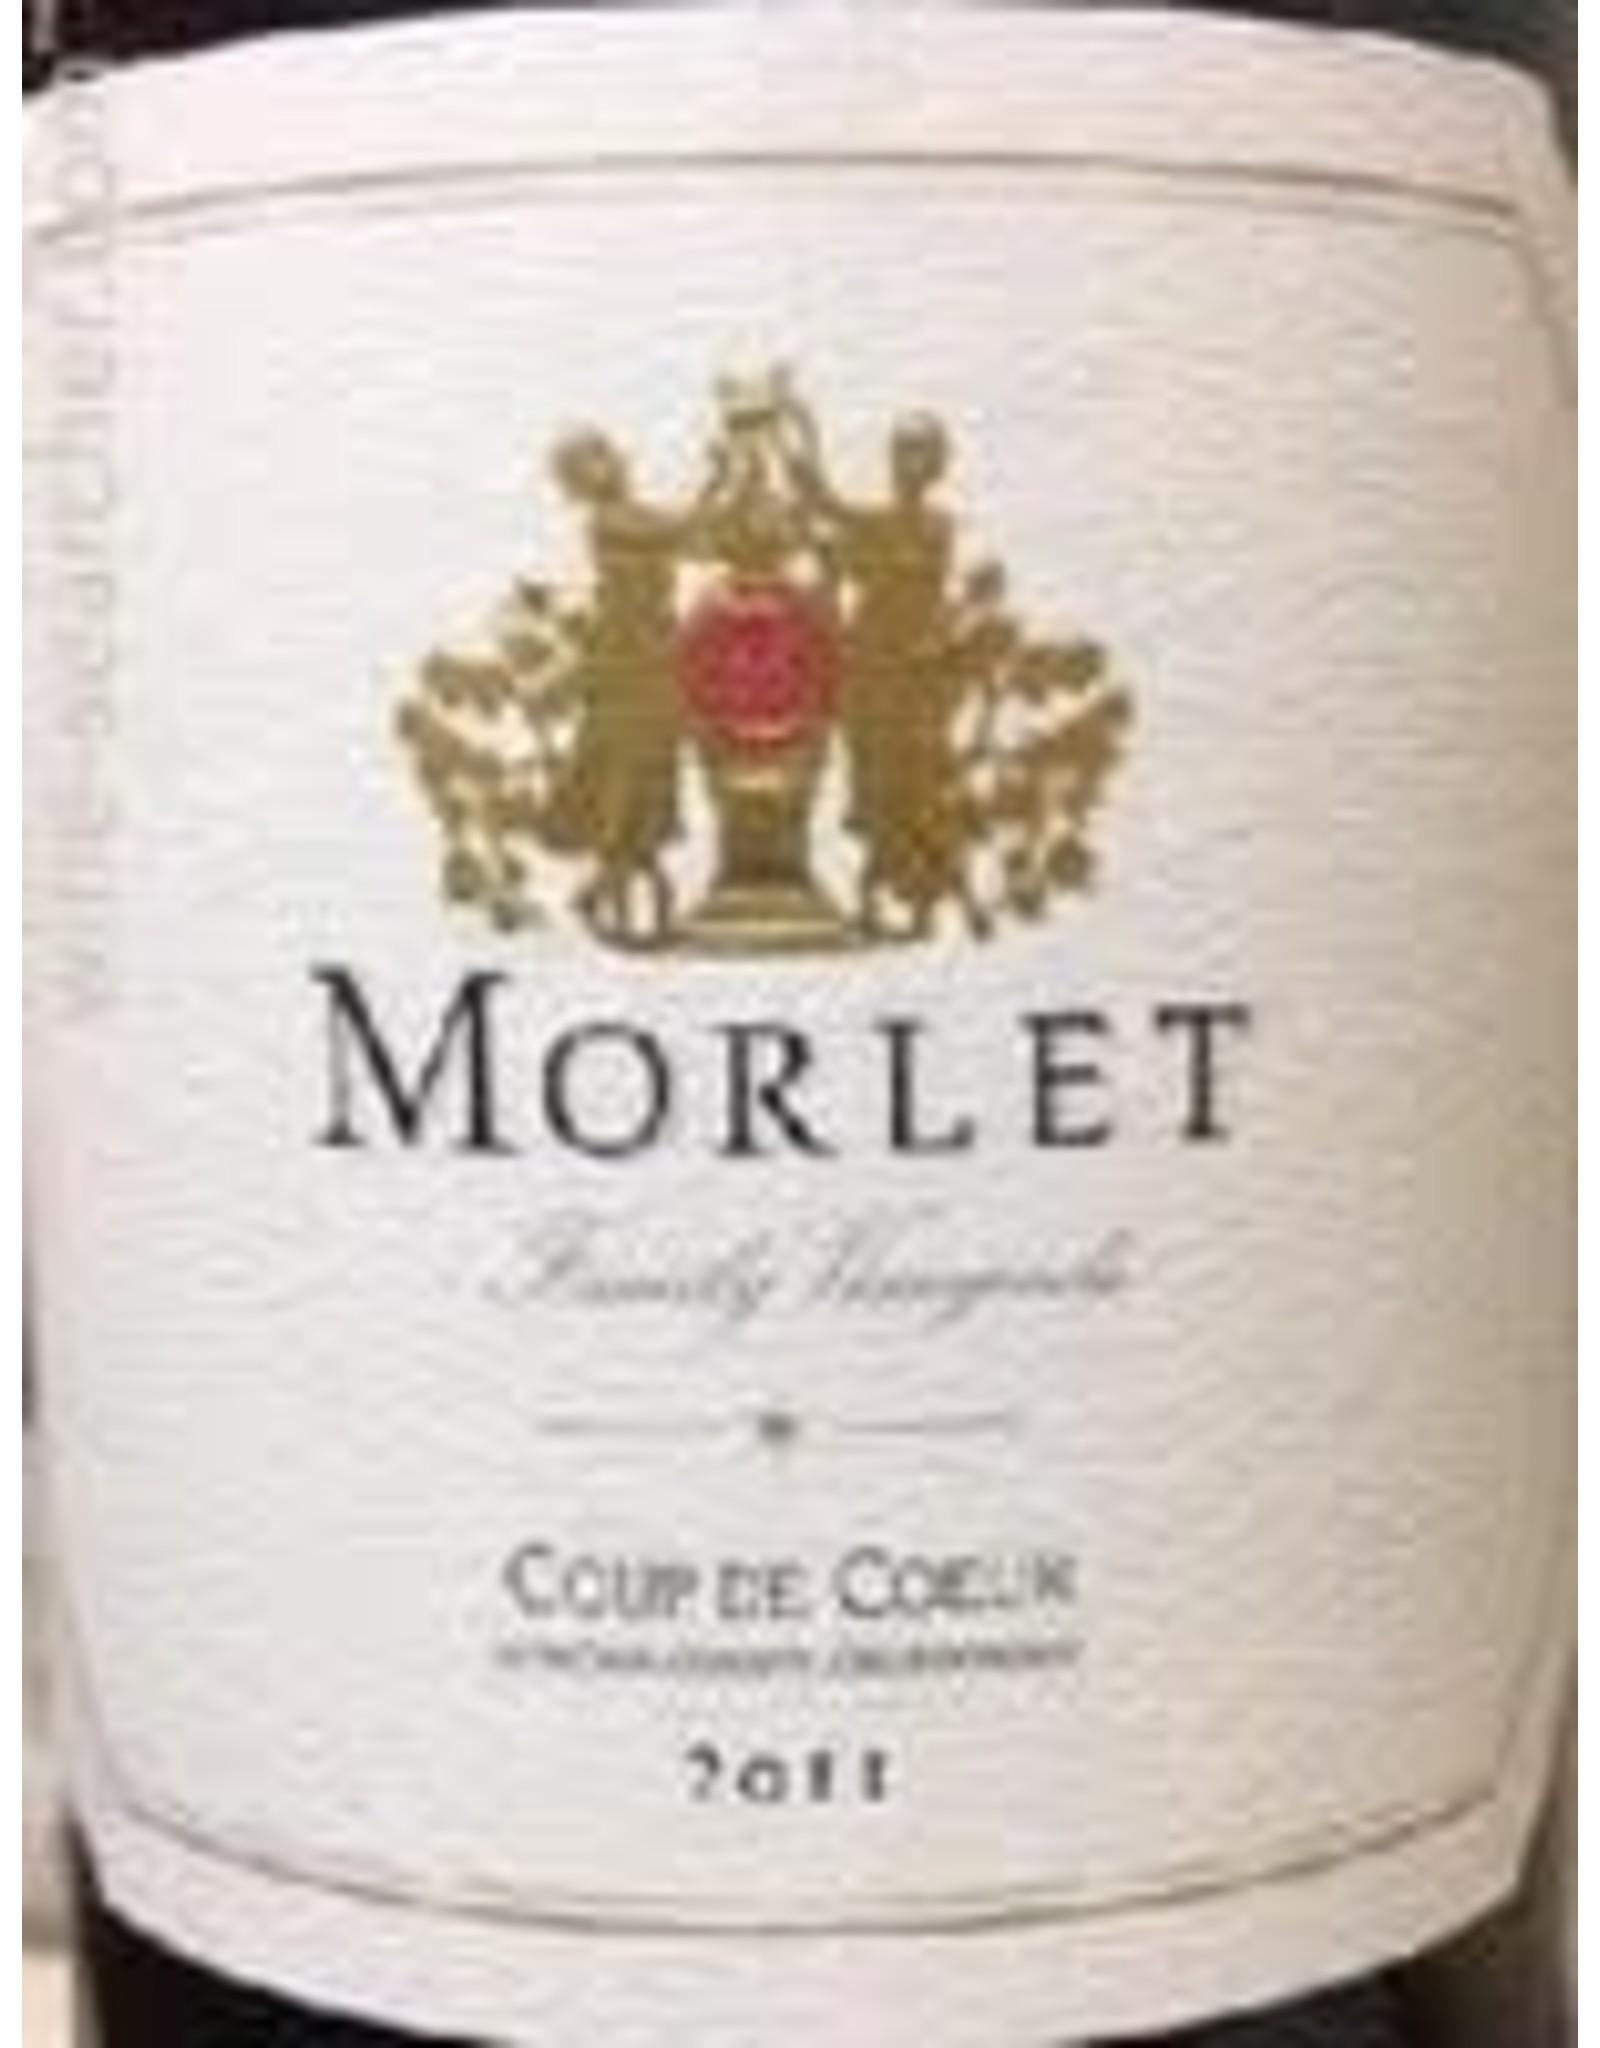 Morlet 'Coup De coeur' Chardonnay, Sonoma County 2013